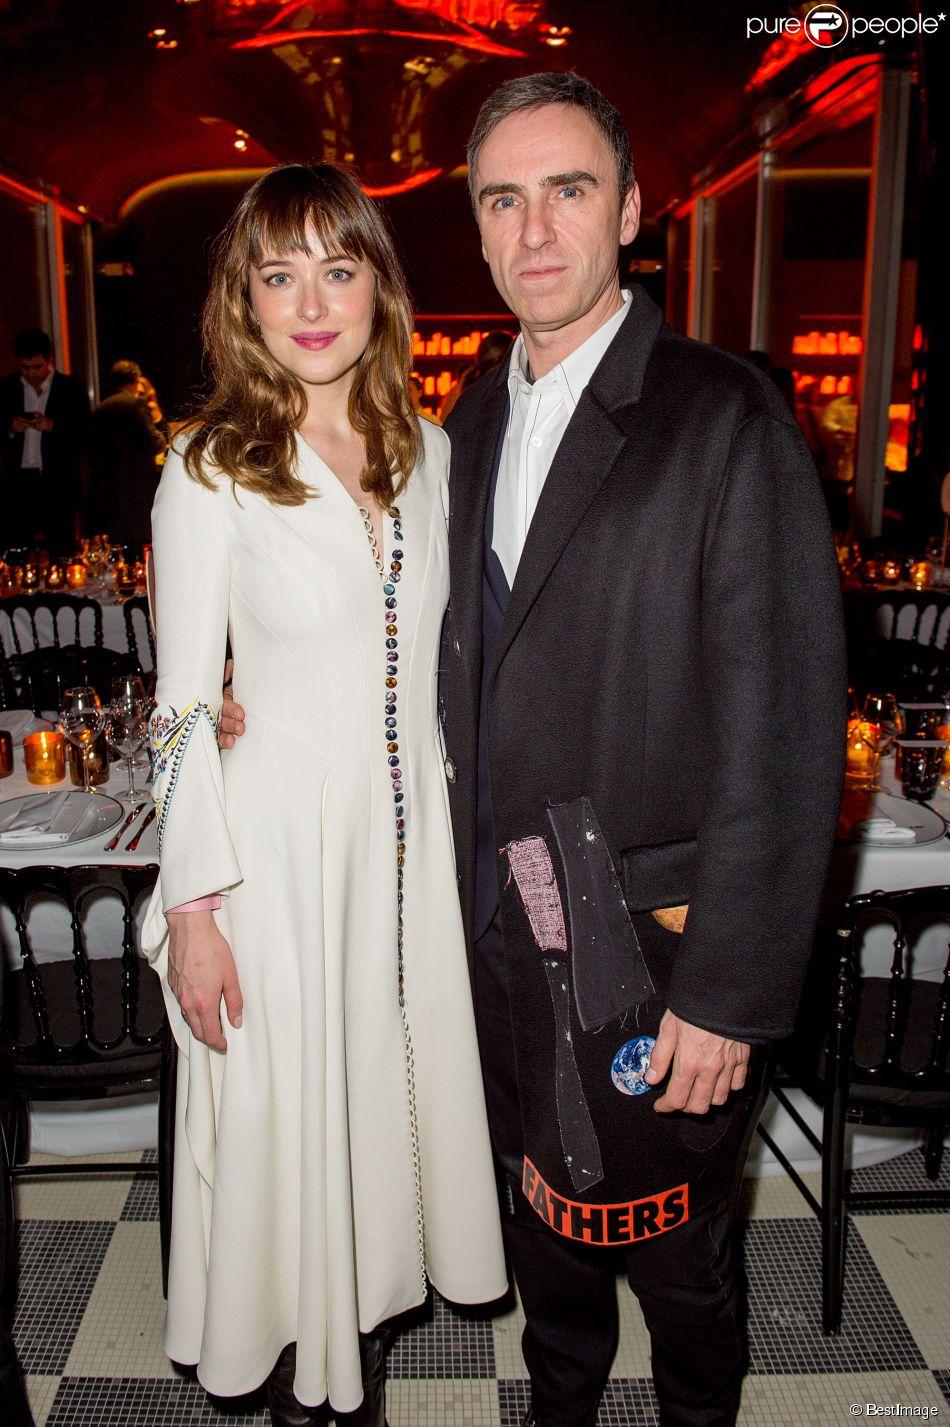 Dakota Jonhson et Raf Simons - Aftershow Christian Dior lors de l'inauguration de la discothèque Les Bains Douches à Paris. Le 6 mars 2015.